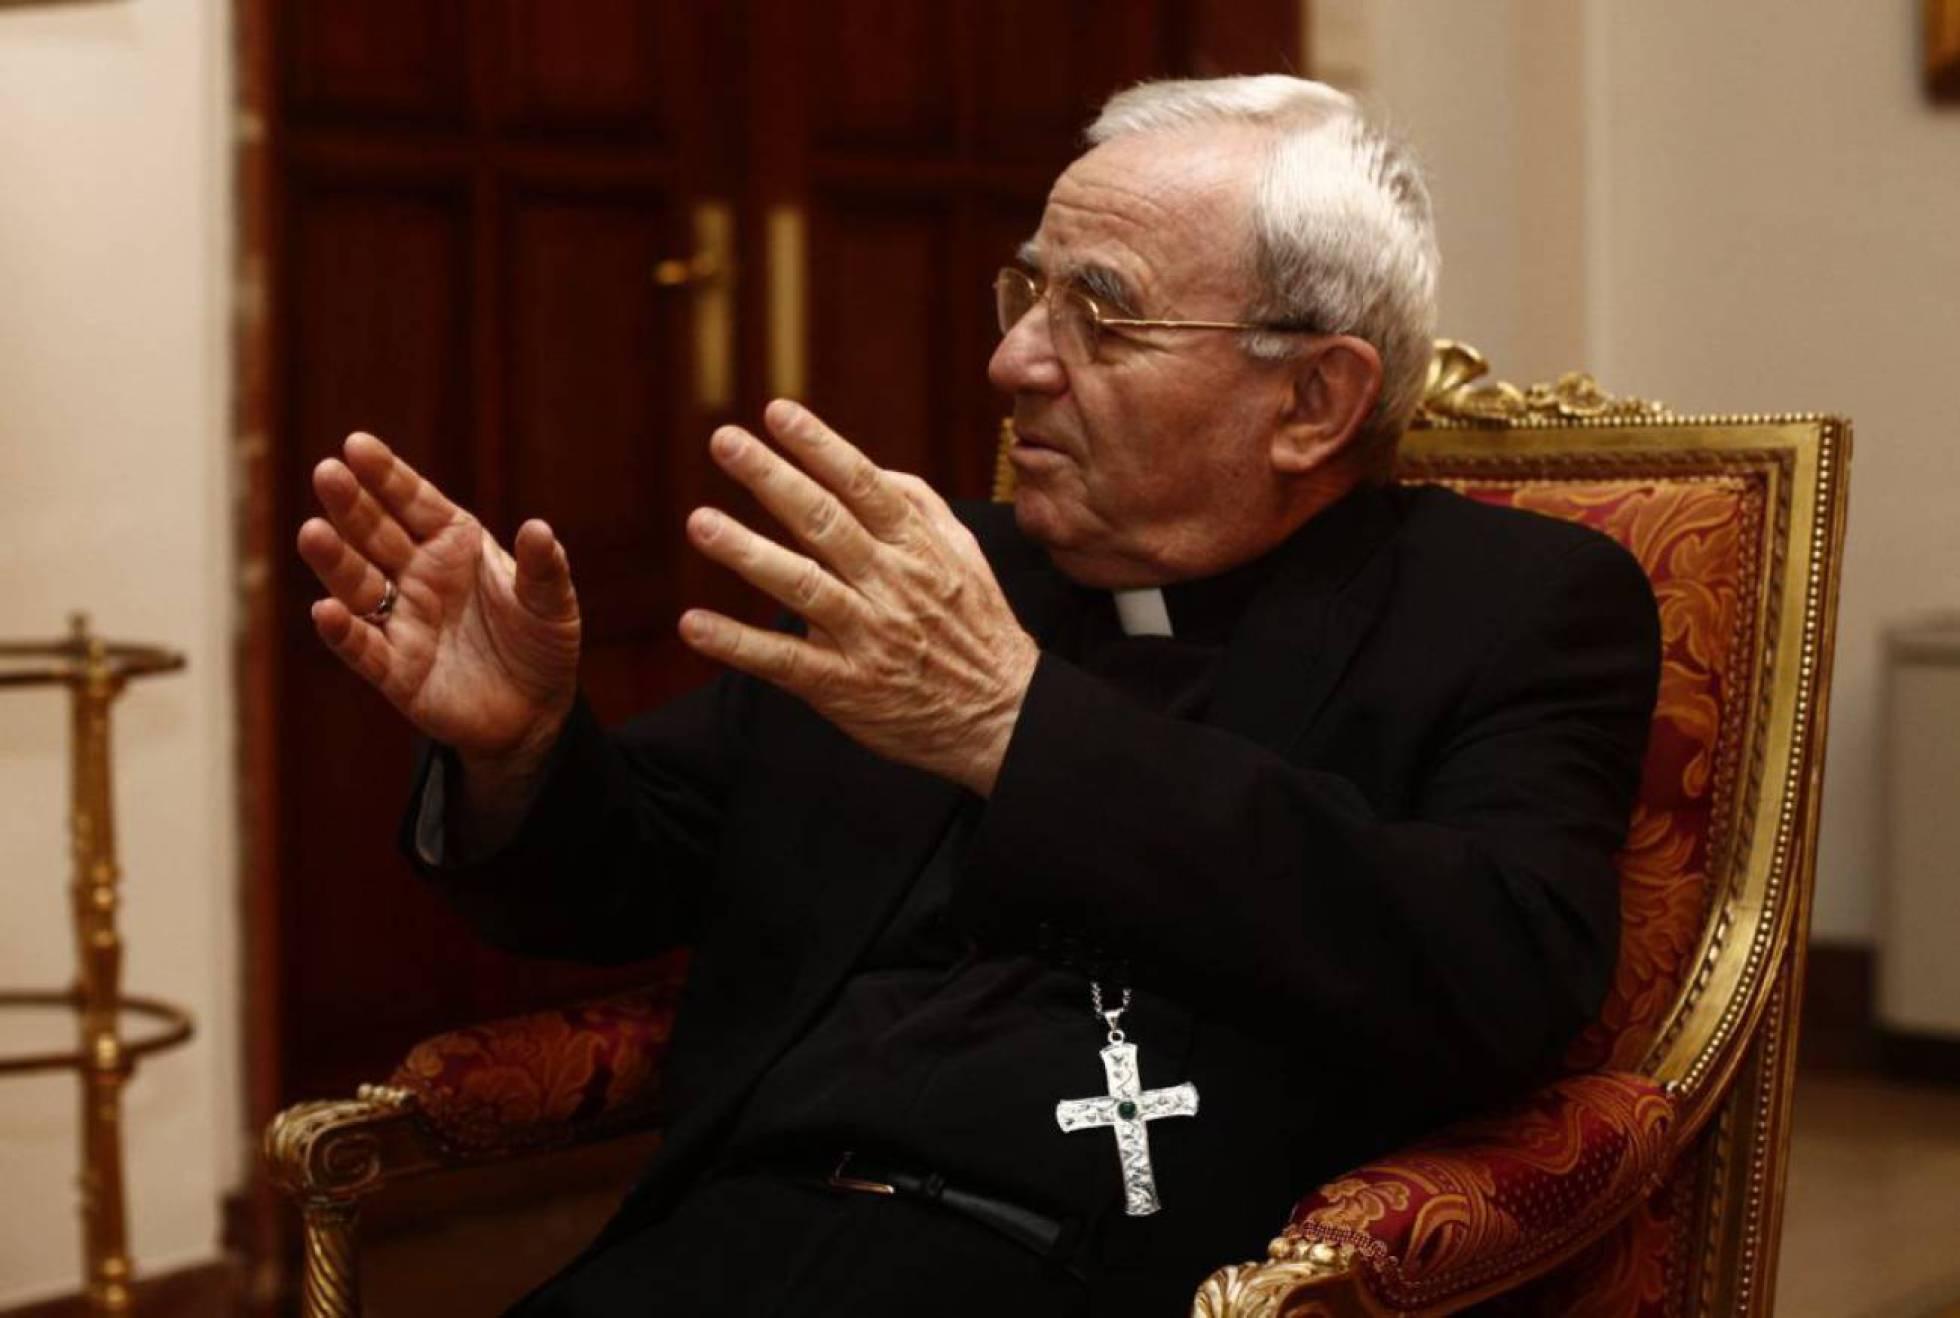 El nuncio en España dice que el Gobierno 'ha resucitado a Franco'